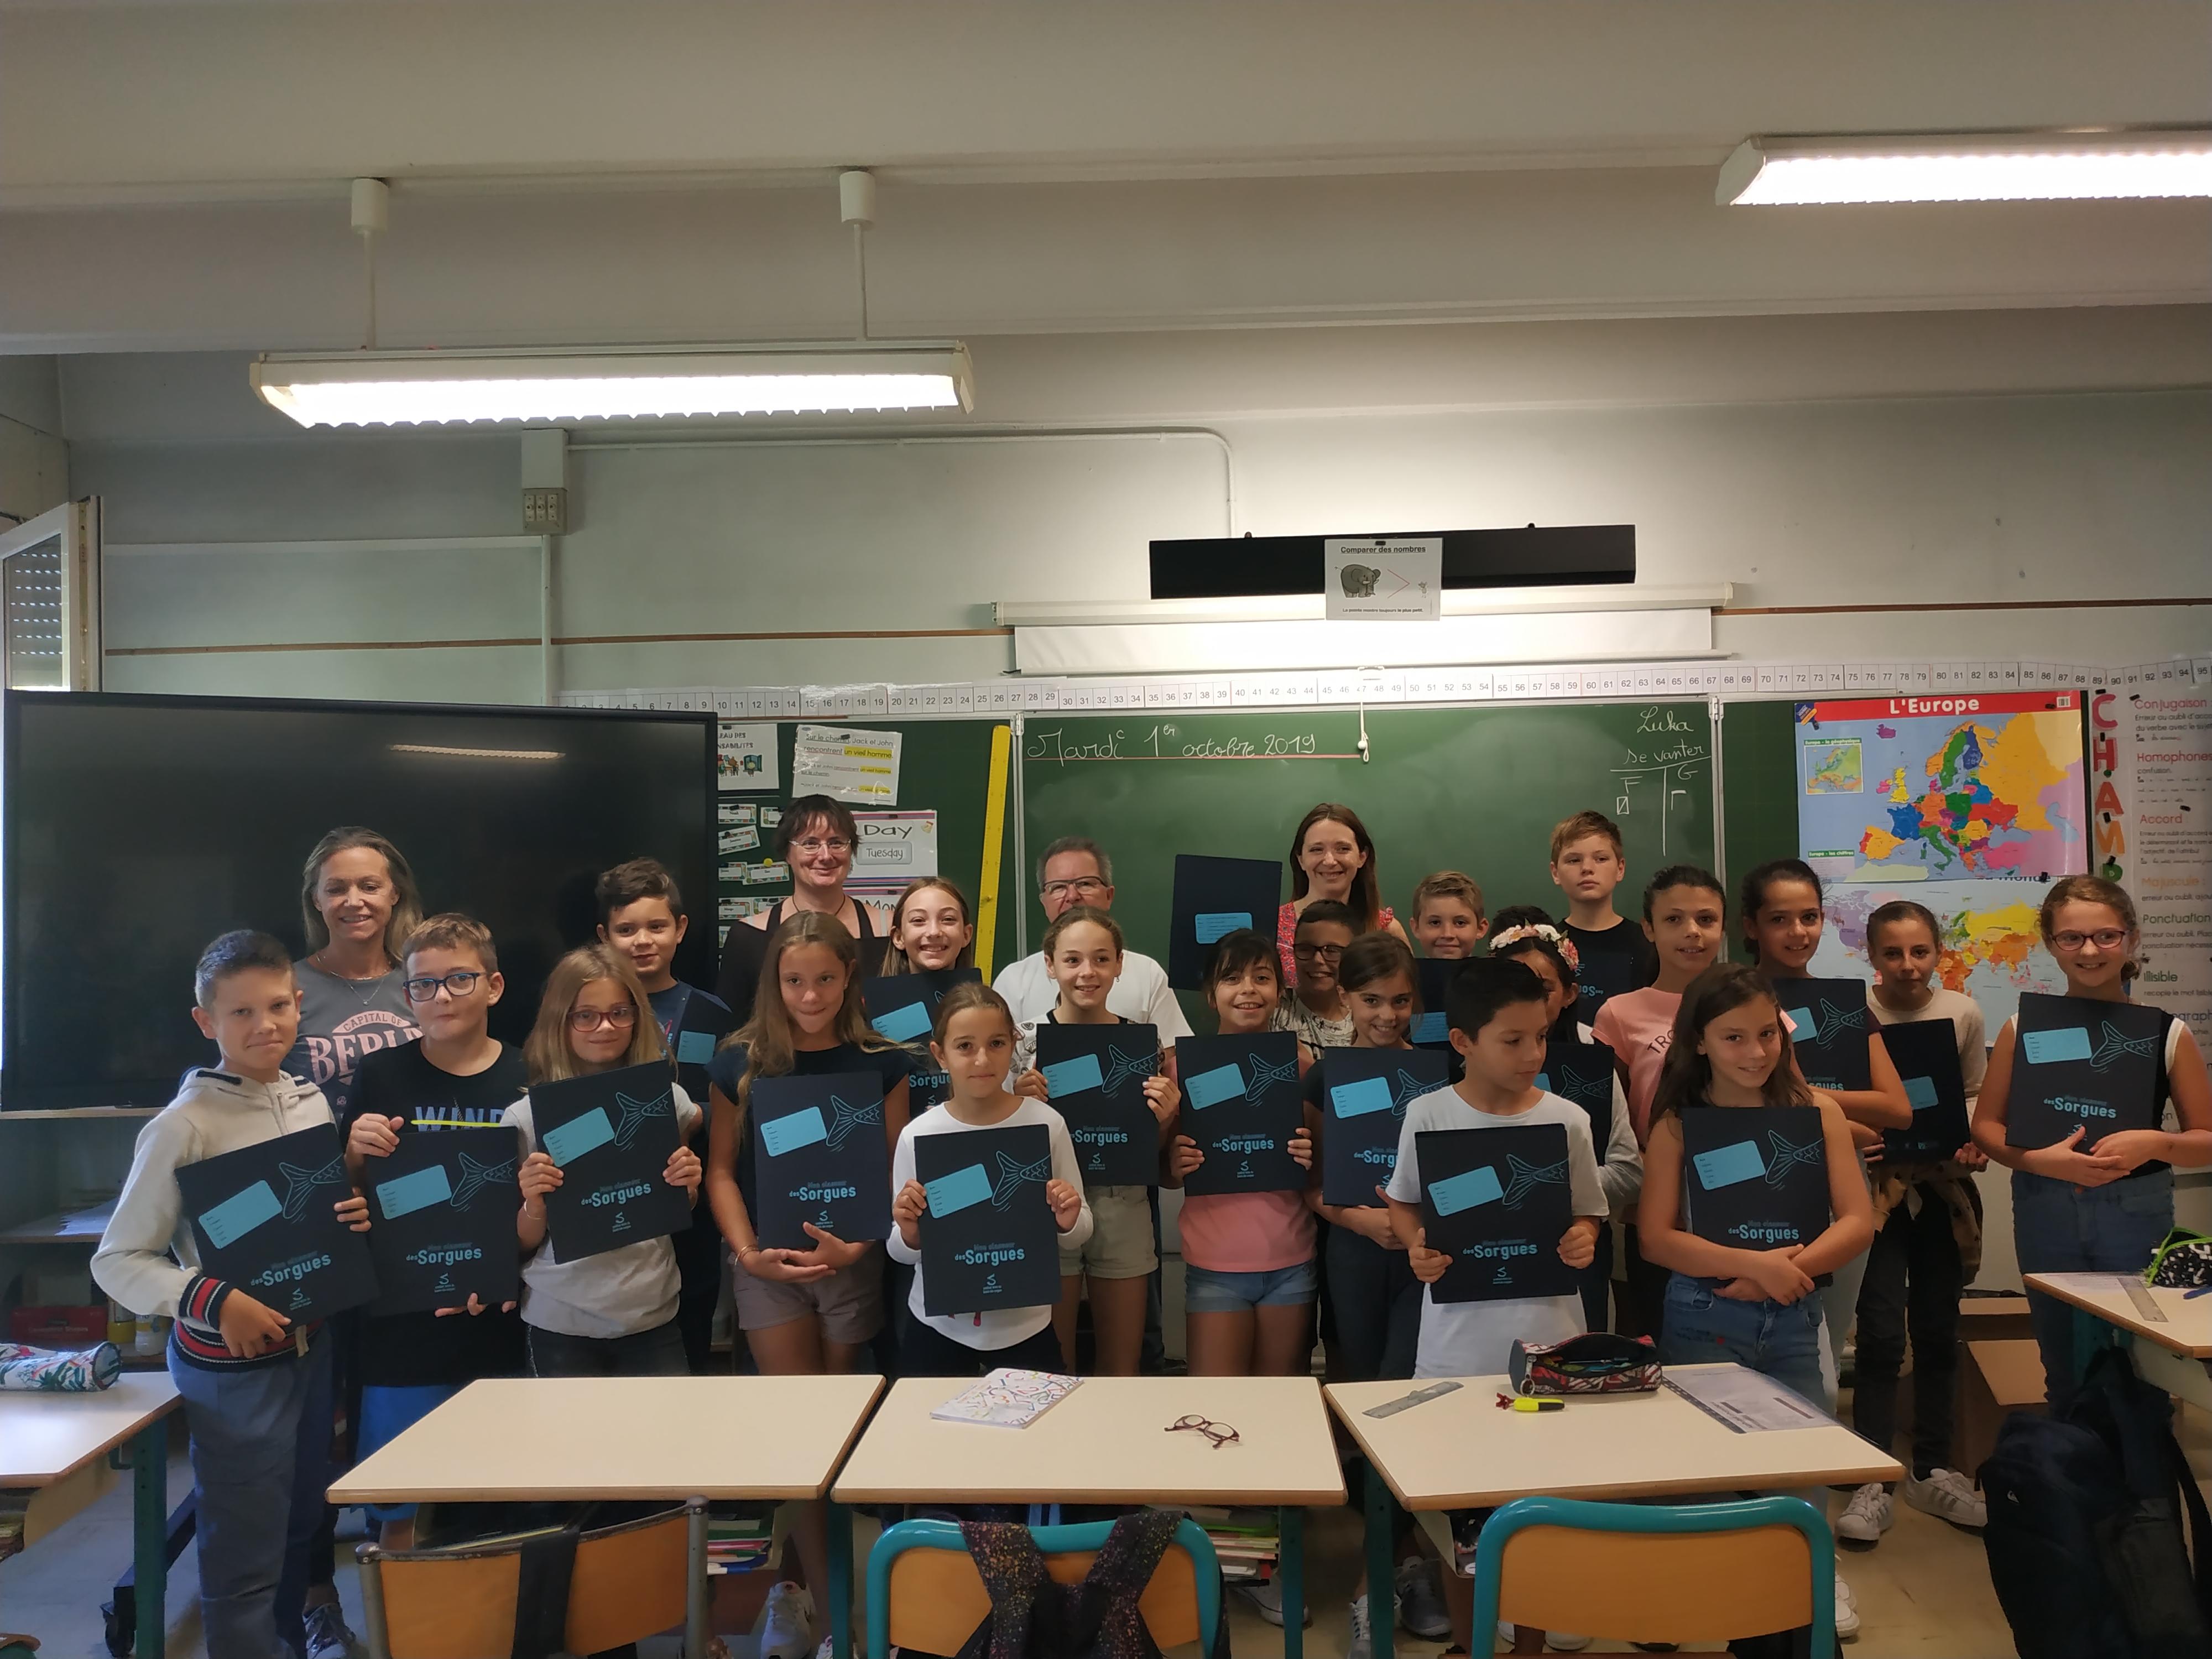 Le classeur des Sorgues pour les élèves de la classe de CM2 de madame Coullier